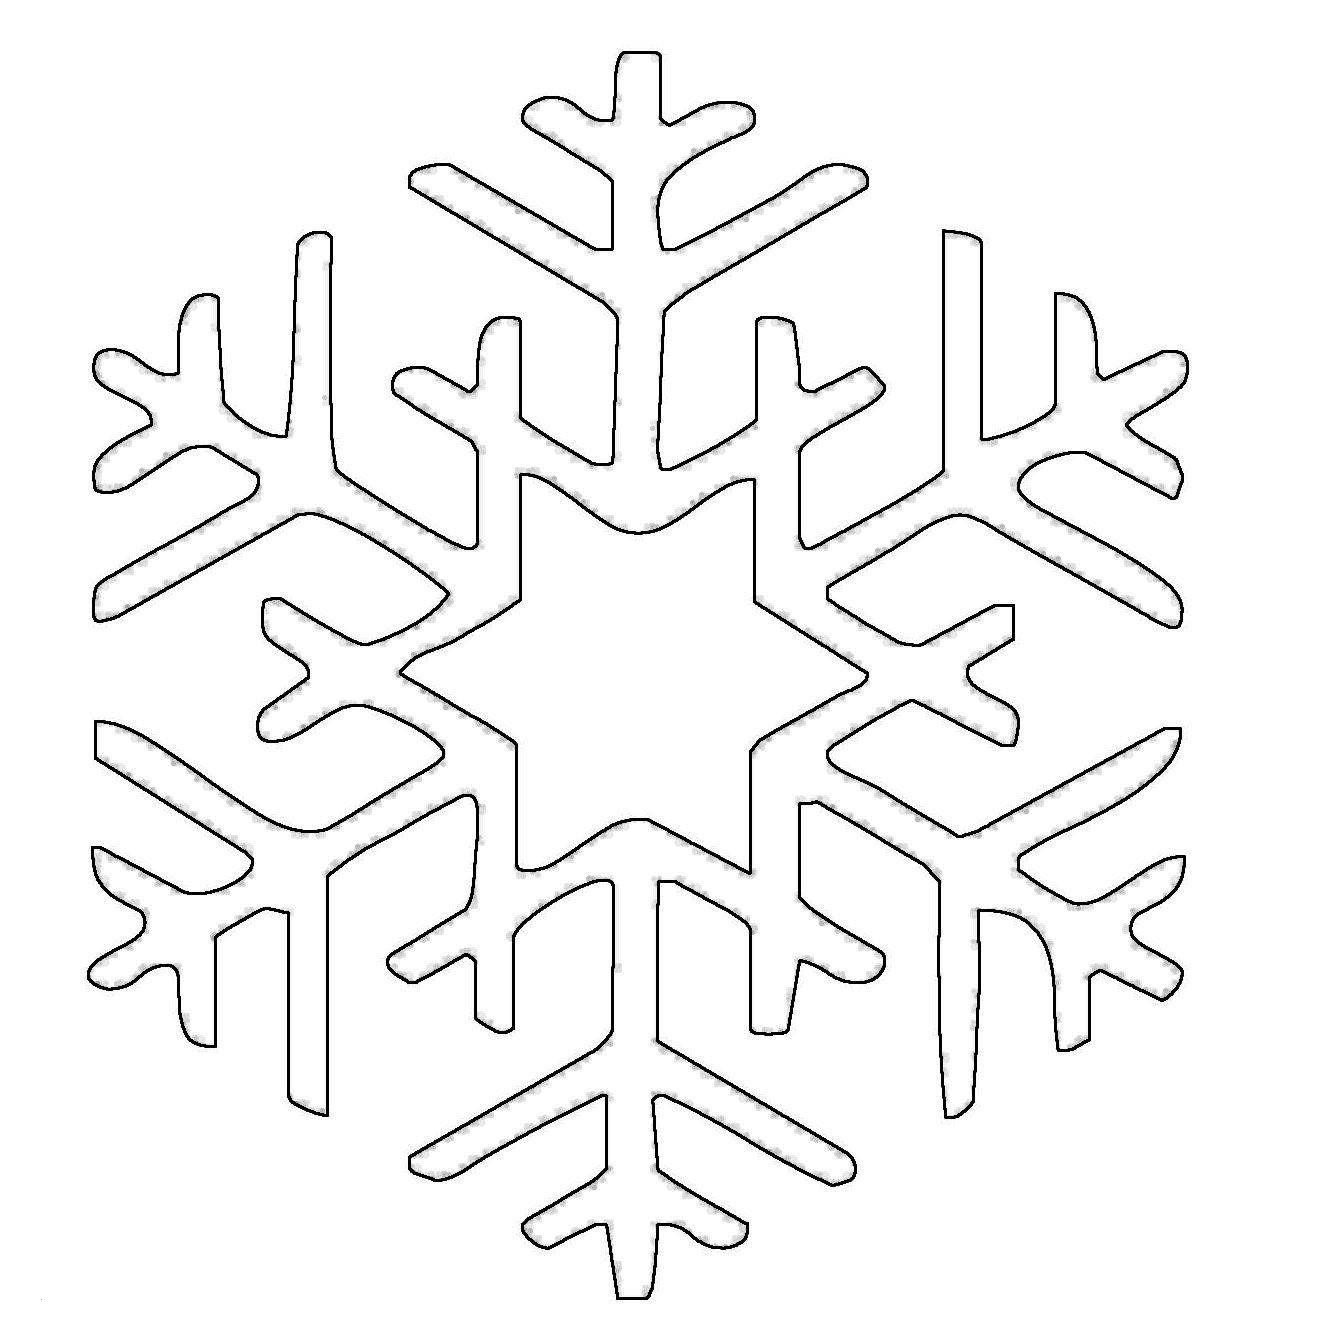 ausmalbilder schneeflocken schablone zum ausdrucken über